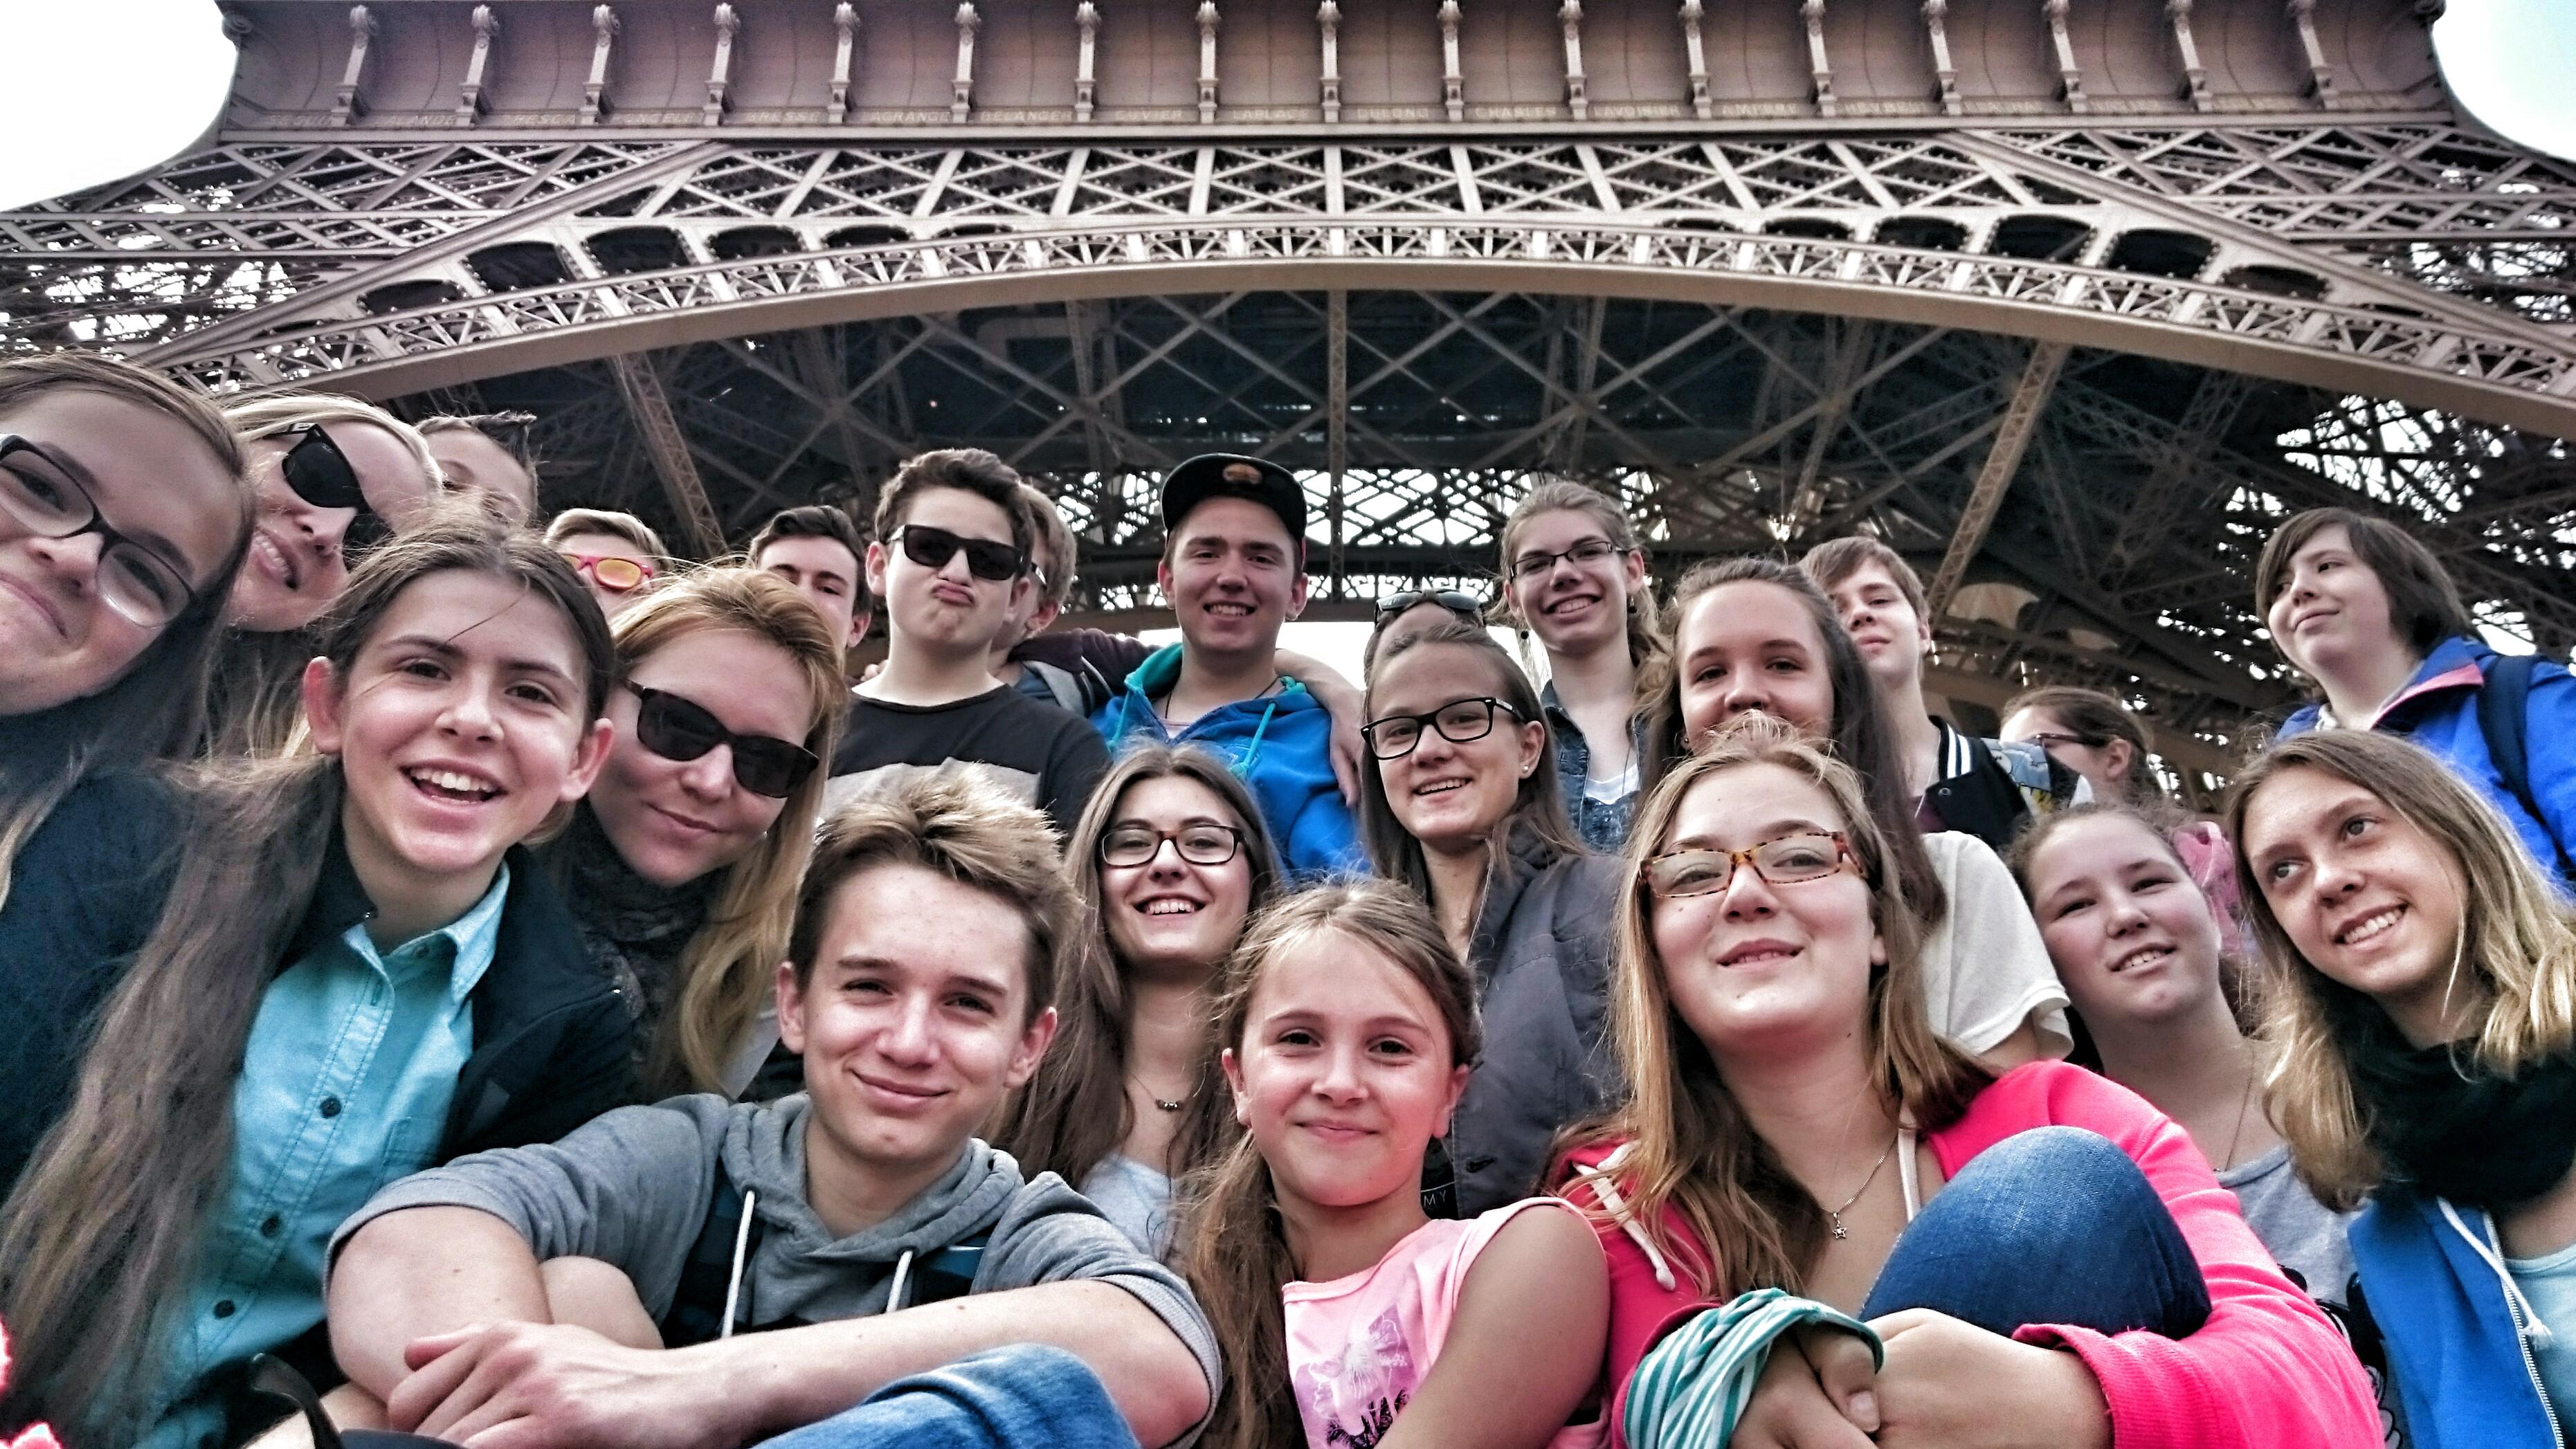 2015: Bon voyage